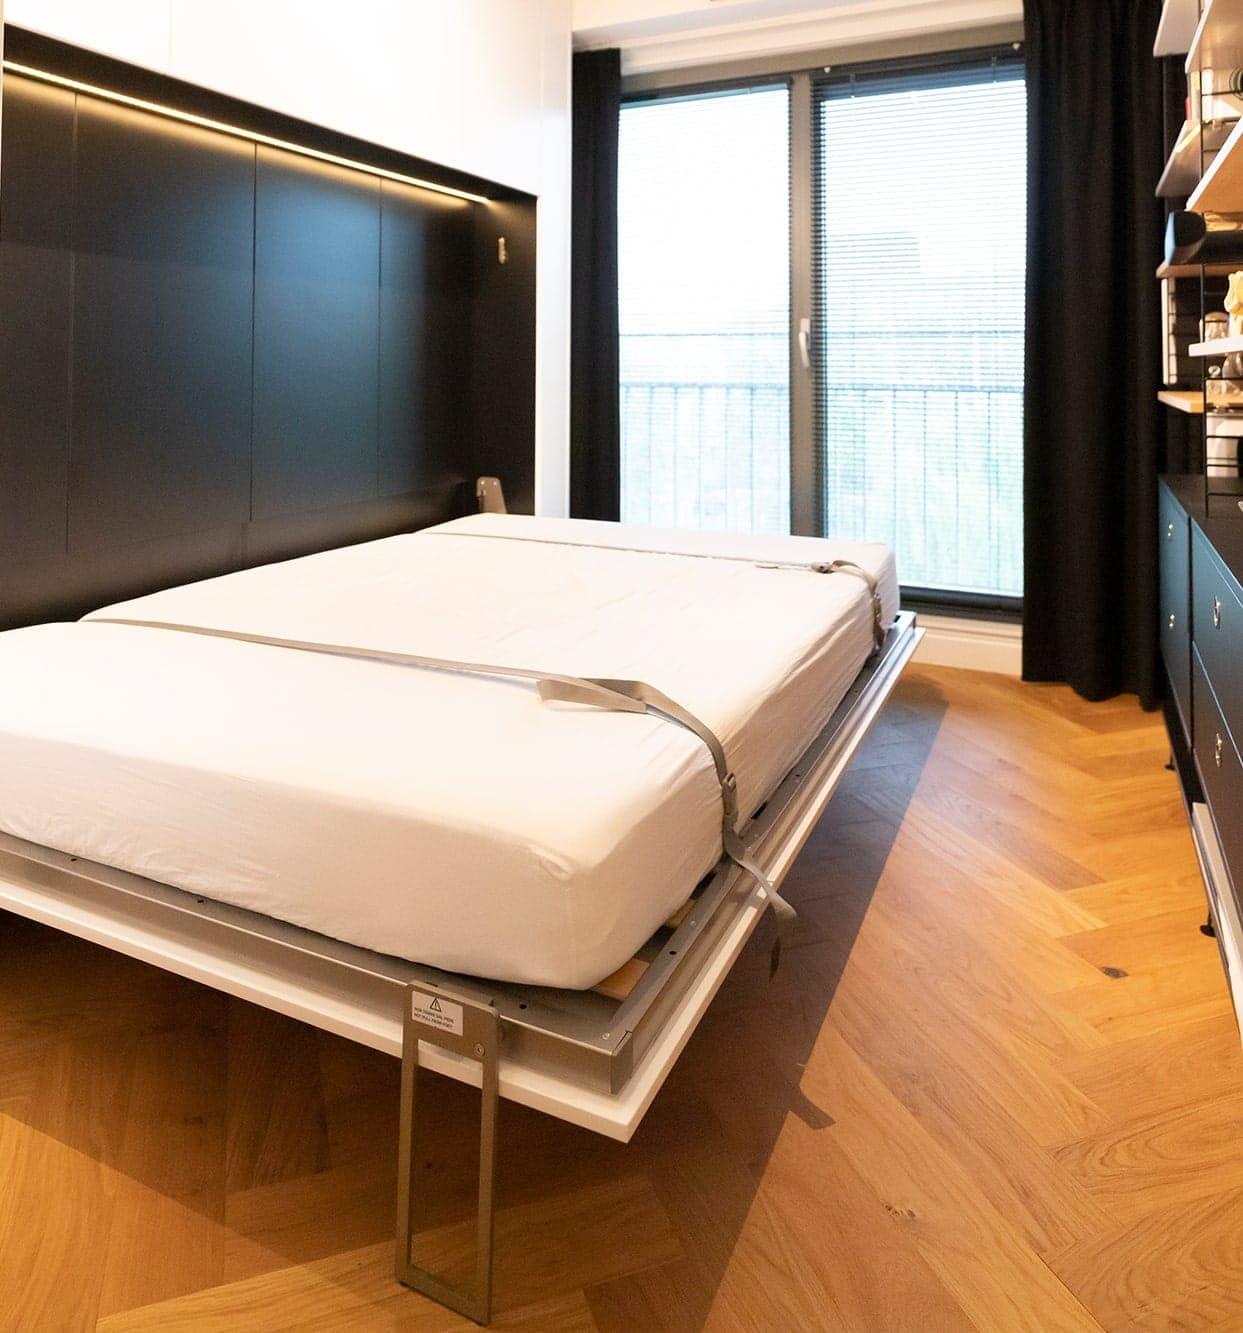 Interieurbouwer Waddinxveen Hebben Een Inklapbaar Bed Gemaakt Voor Een Logeerkamer